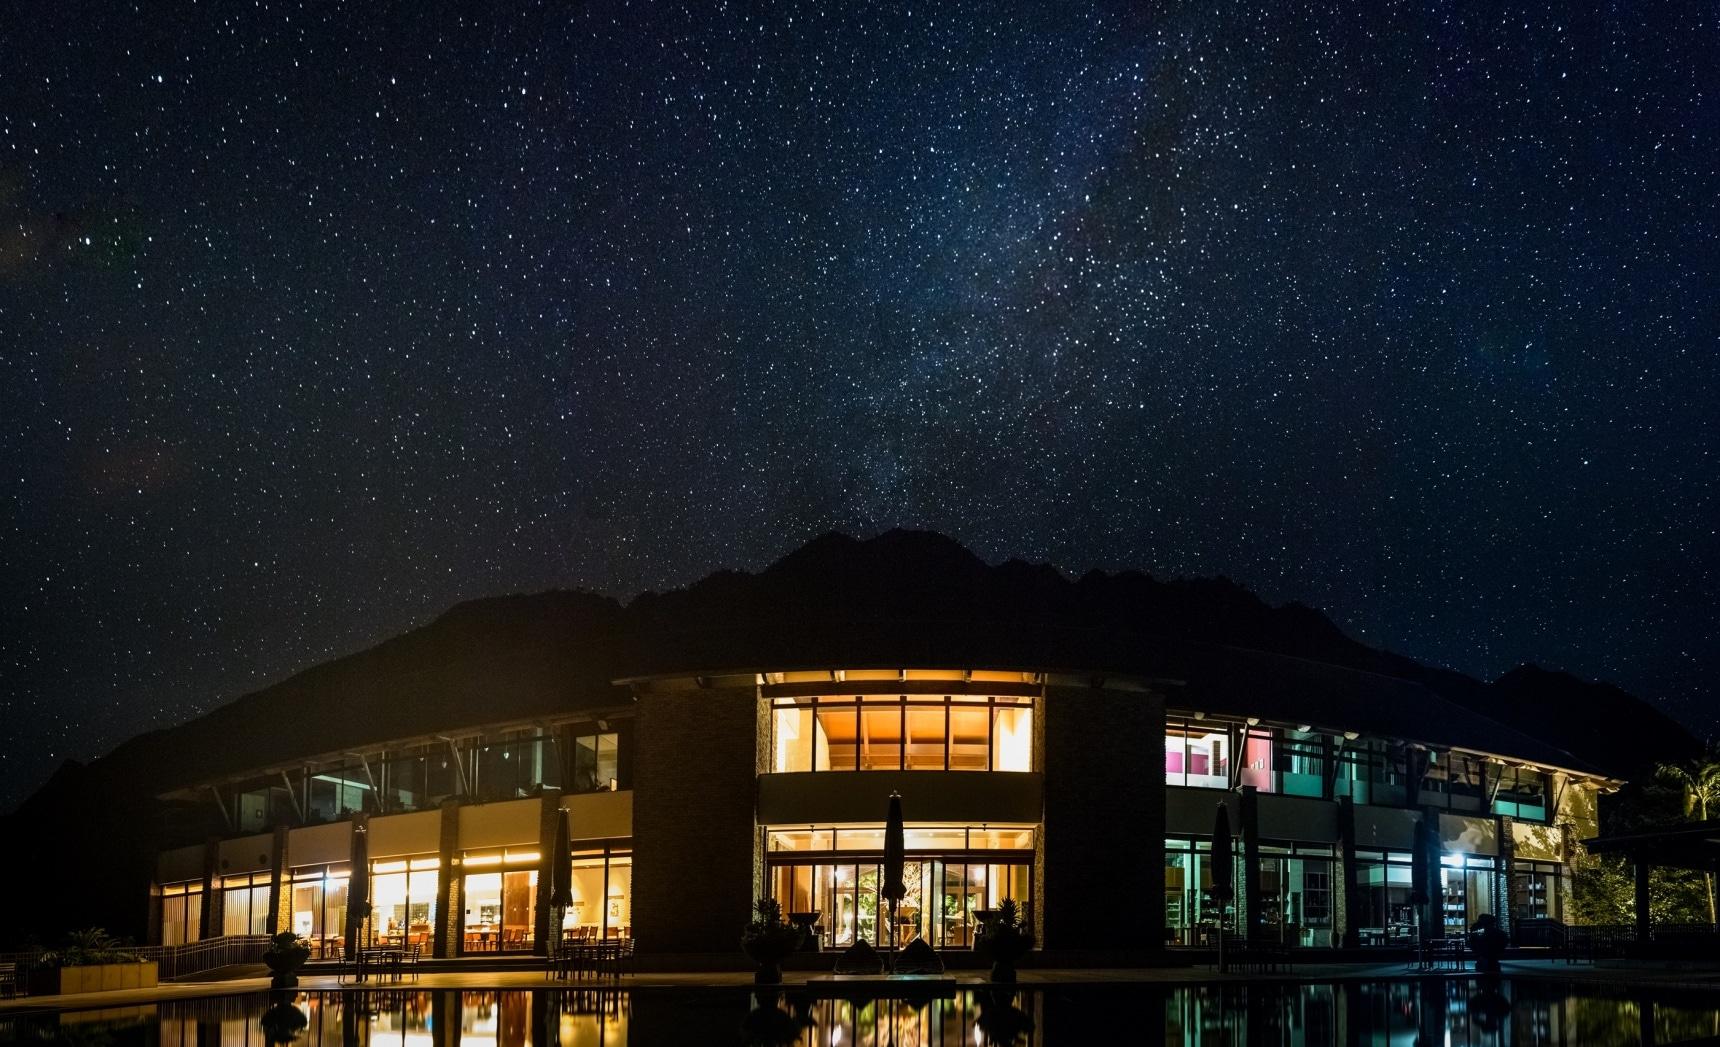 【鹿兒島】來自屋久島的大自然恩惠!白谷雲水峽登山健行路線&森林中的渡假飯店